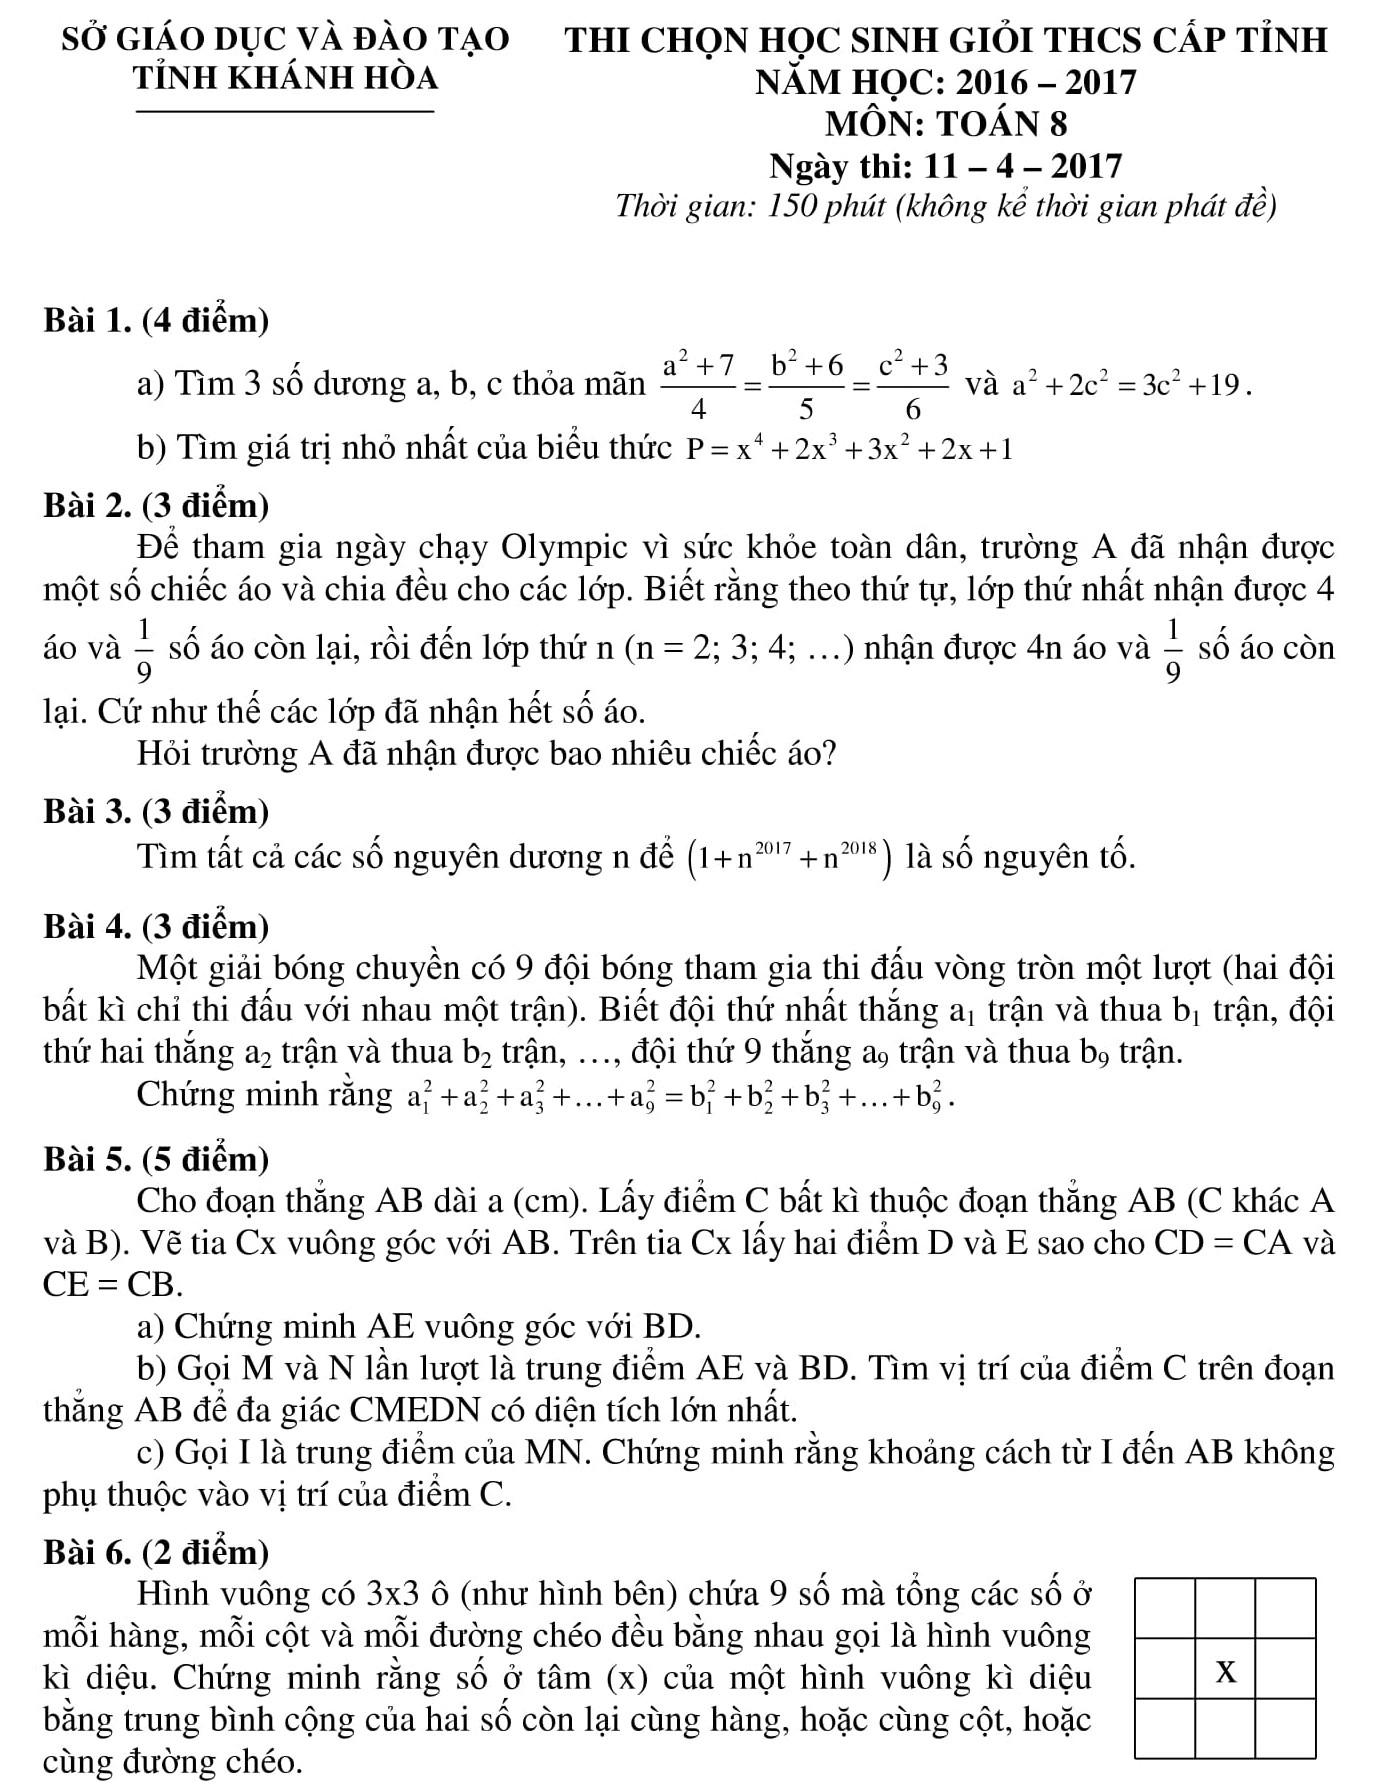 Đáp án và đề thi HSG toán 8 phòng GD&ĐT Khánh Hòa 2016-2017